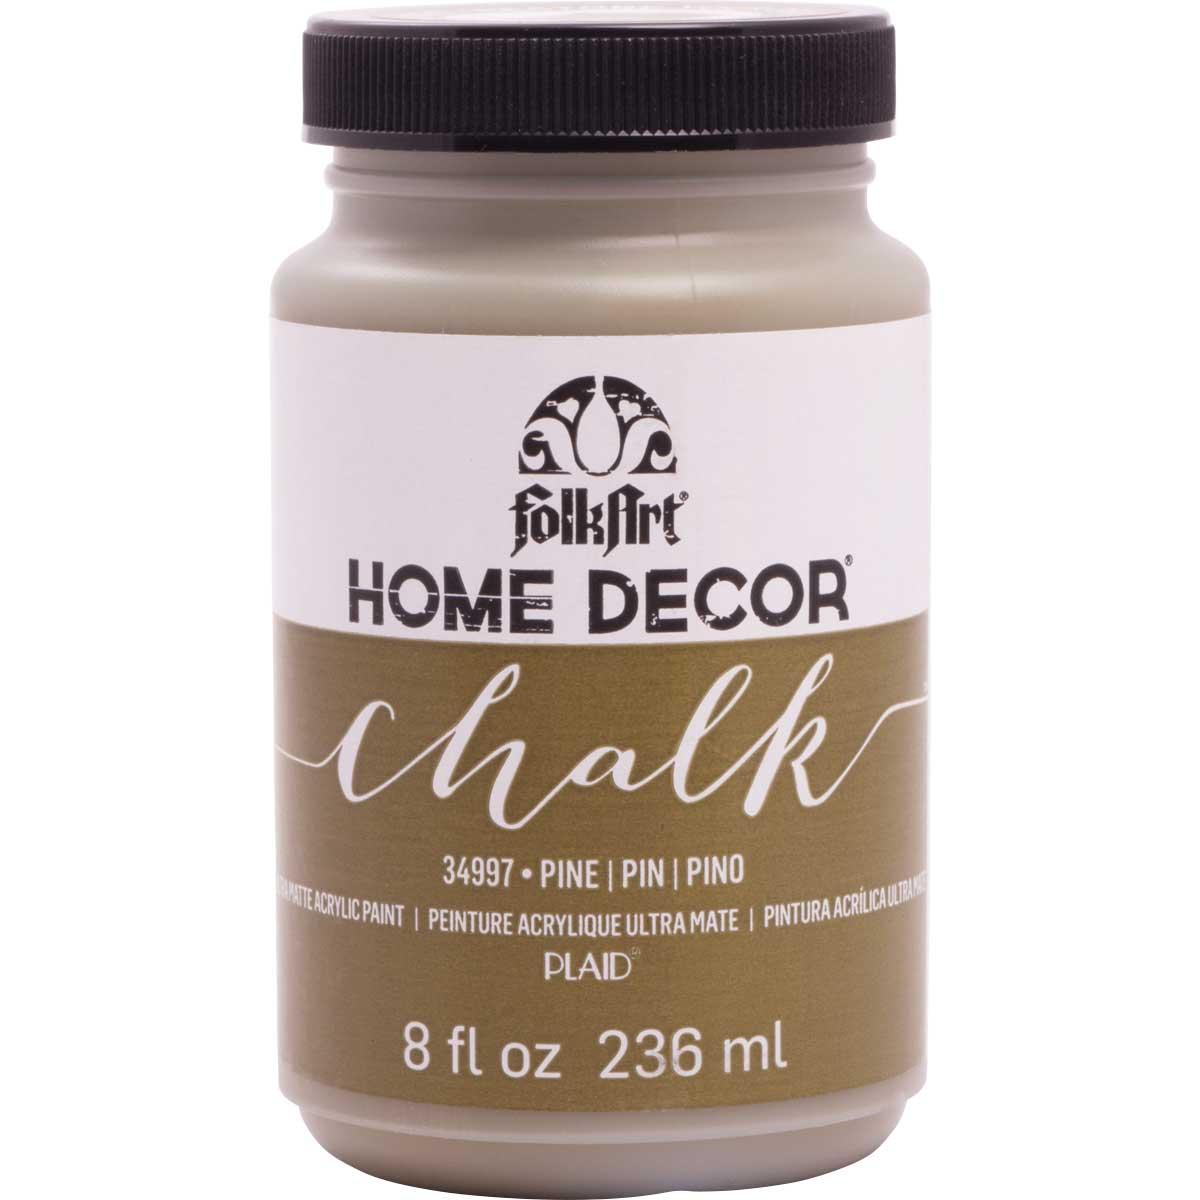 FolkArt ® Home Decor™ Chalk - Pine, 8 oz. - 34997